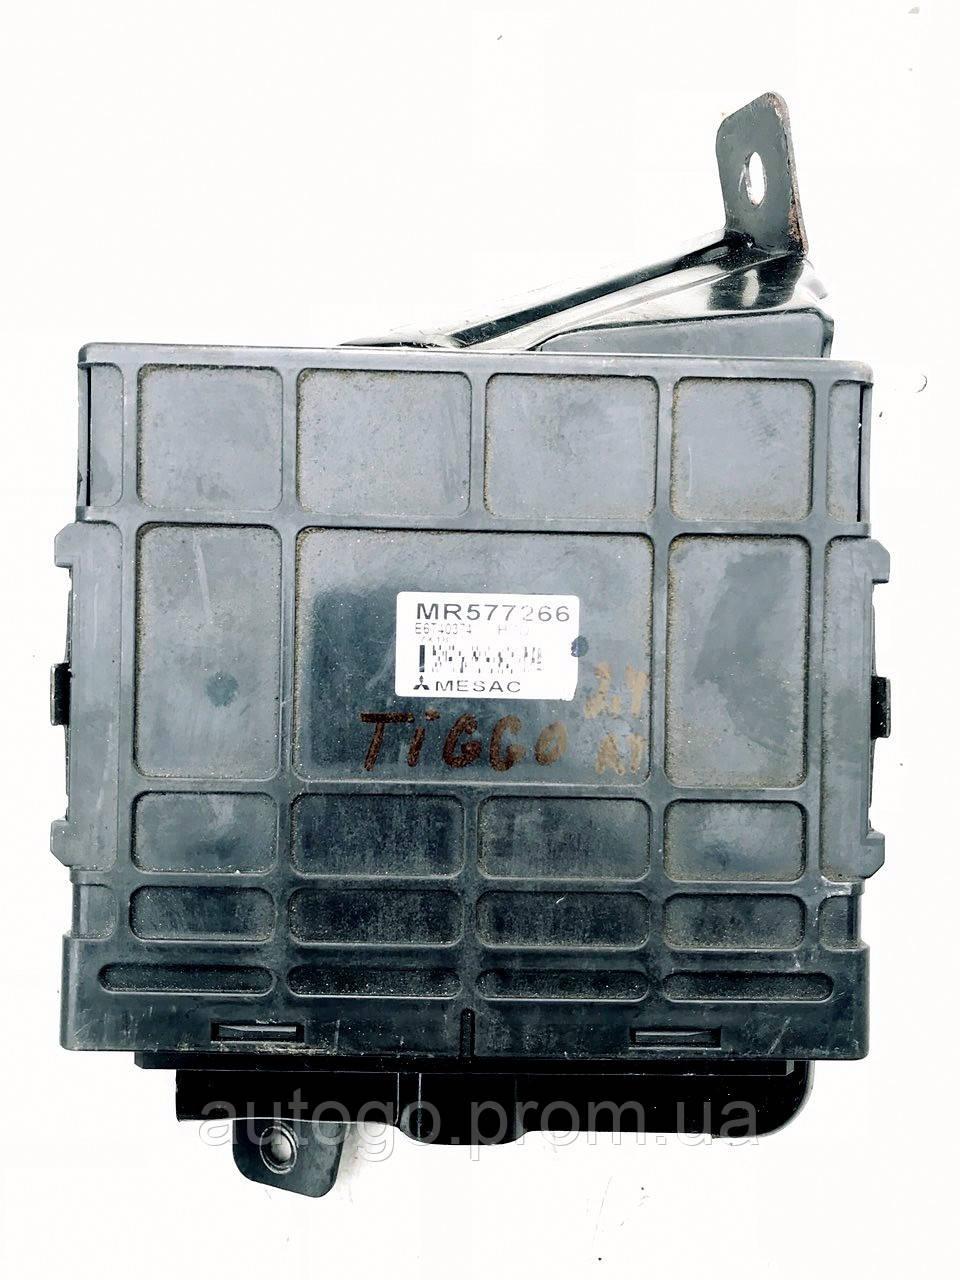 Блок управления двигателем АКПП Chery Tiggo Eastar 2.4 A/T MR577266